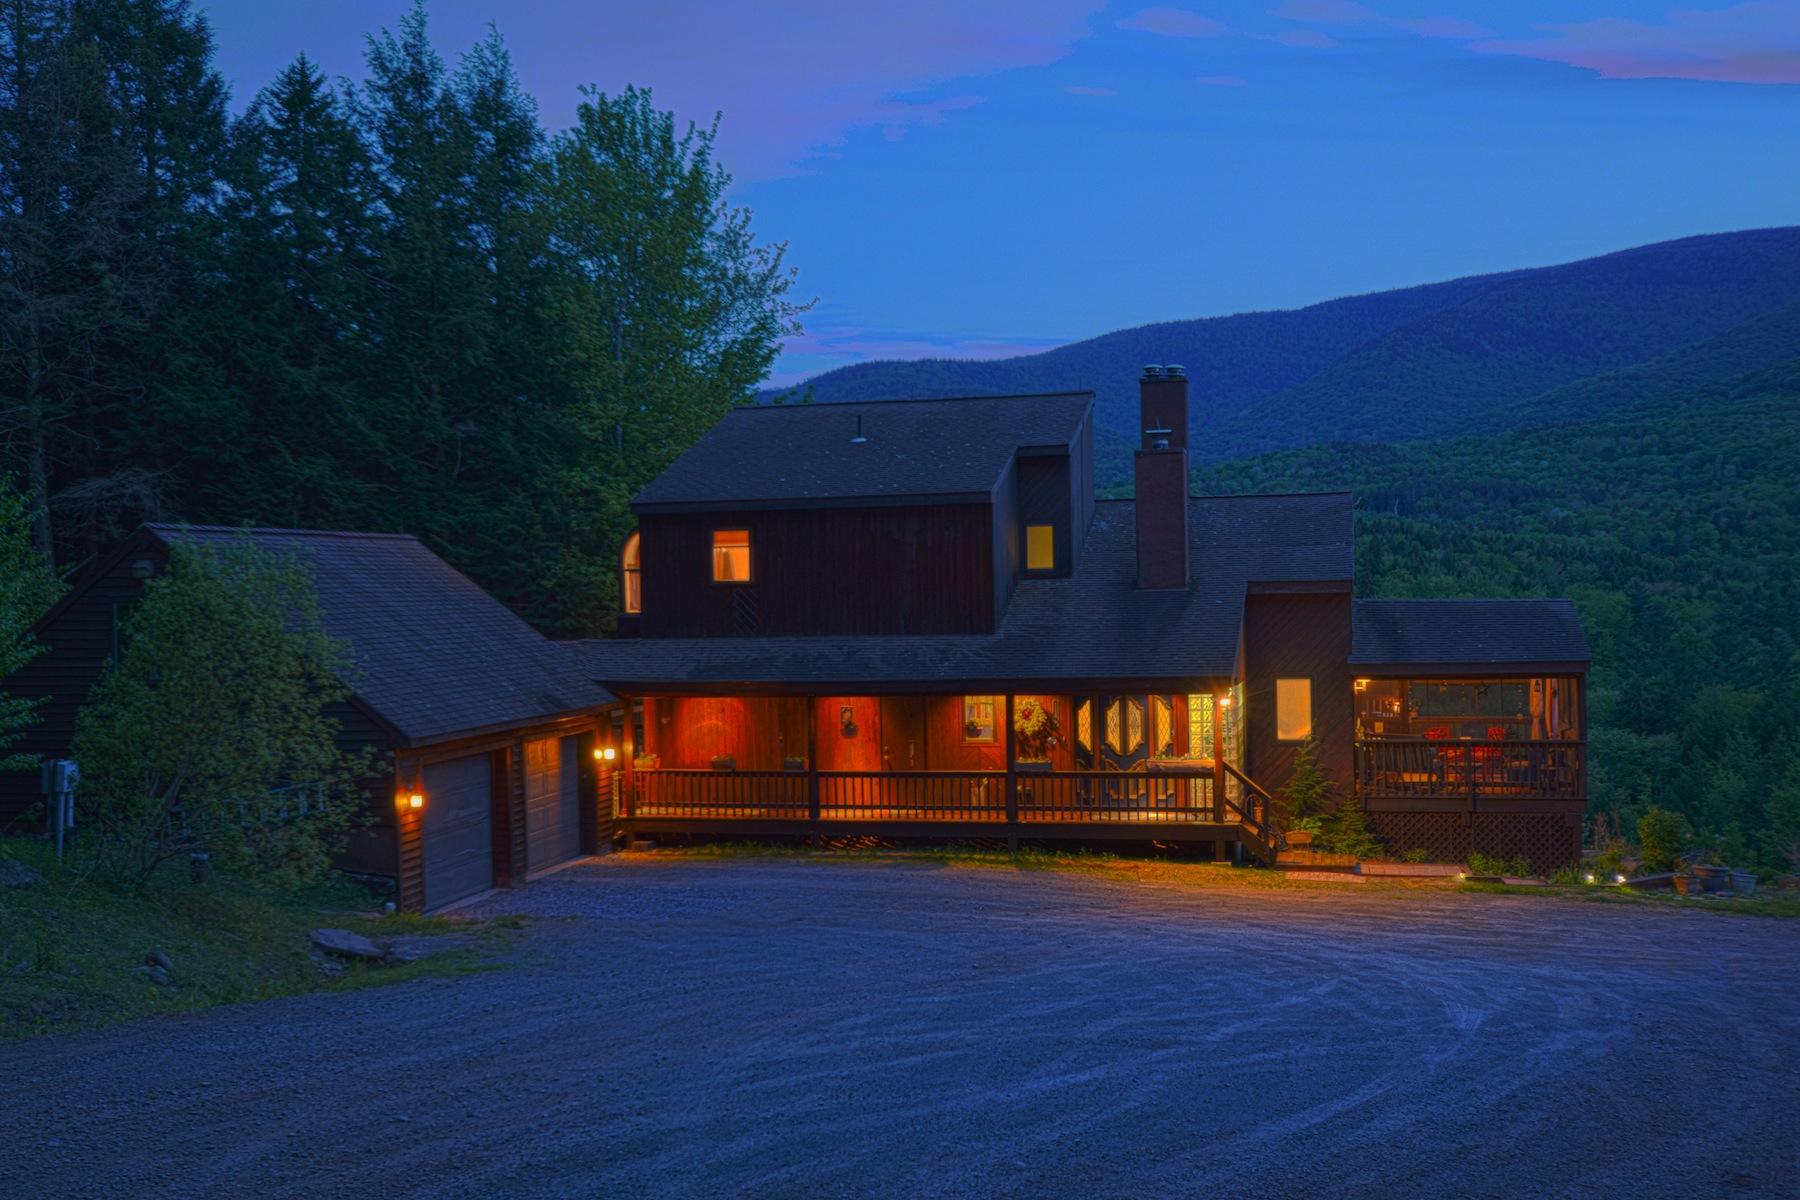 Casa Unifamiliar por un Venta en Heavenly Hunter Retreat 7189 Route 23A Hunter, Nueva York 12442 Estados Unidos